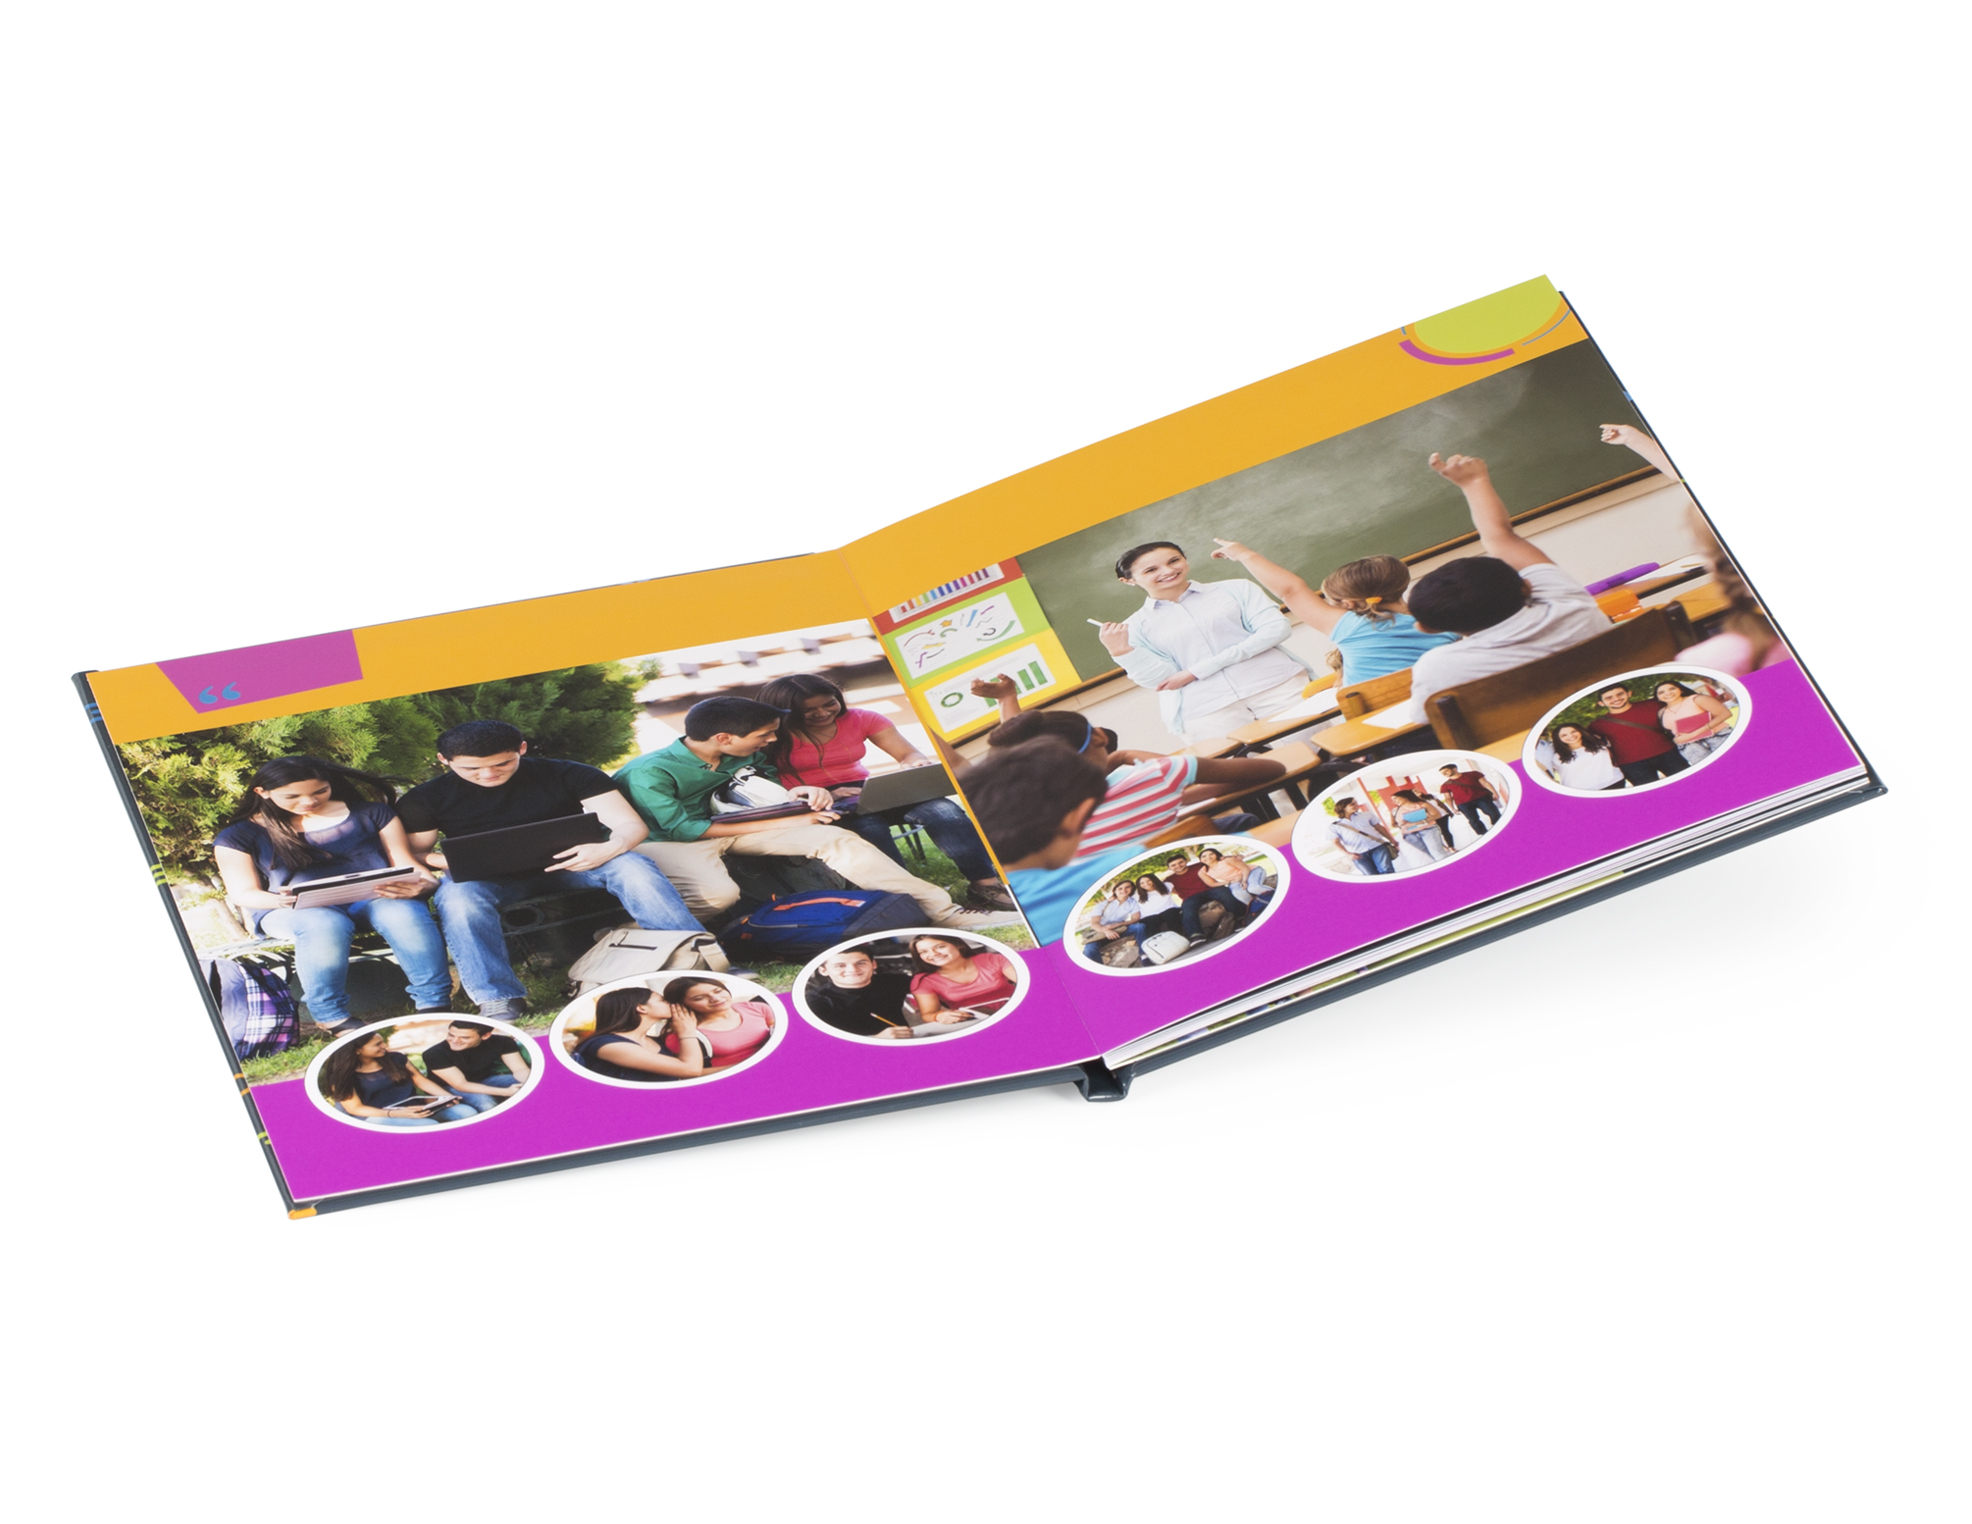 Фотокнига планшет Премиум: создать онлайн – печать в NetPrint